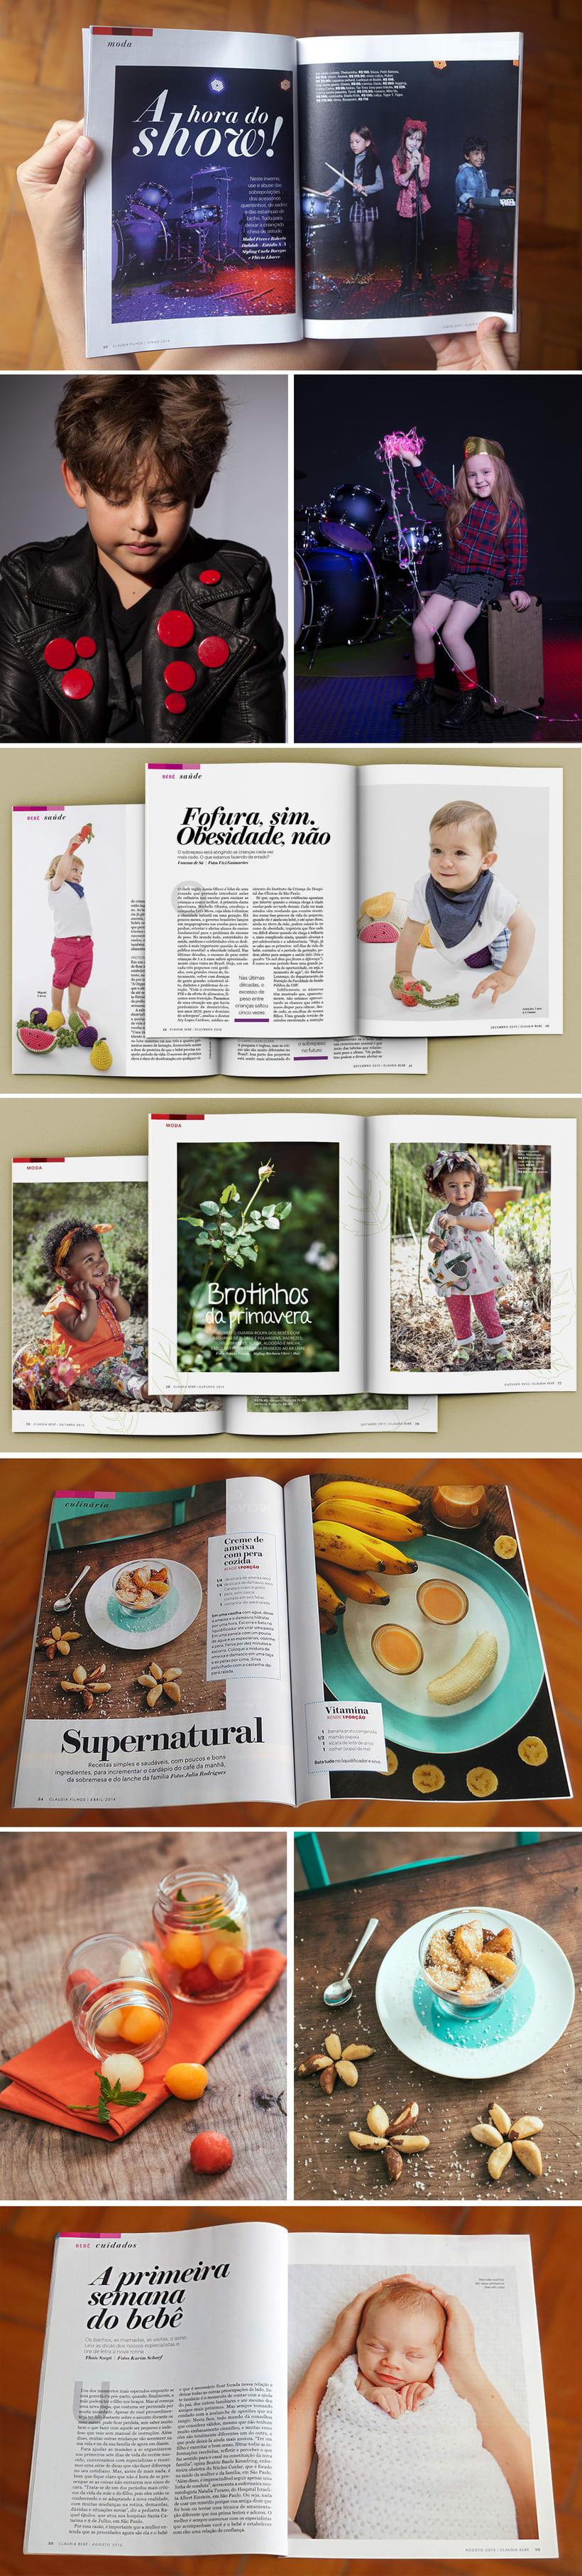 Revista Claudia Filhos 0